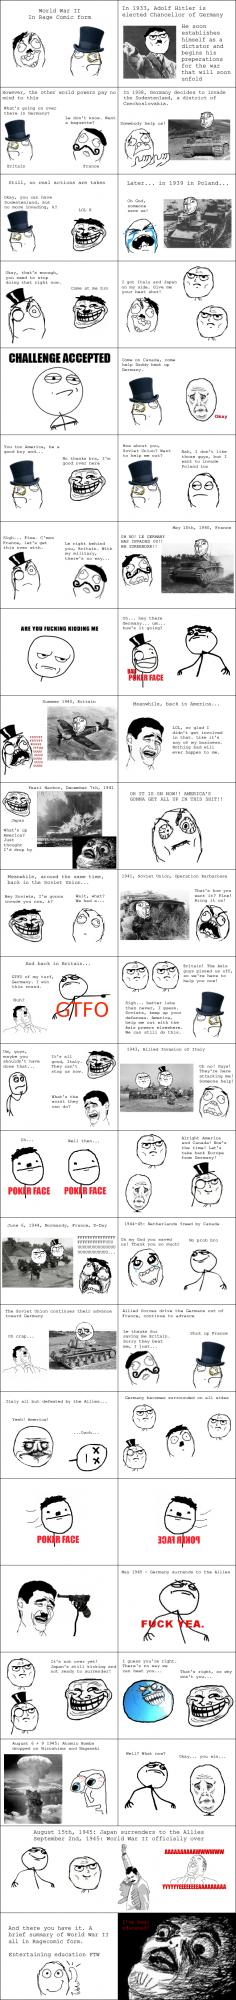 History in meme